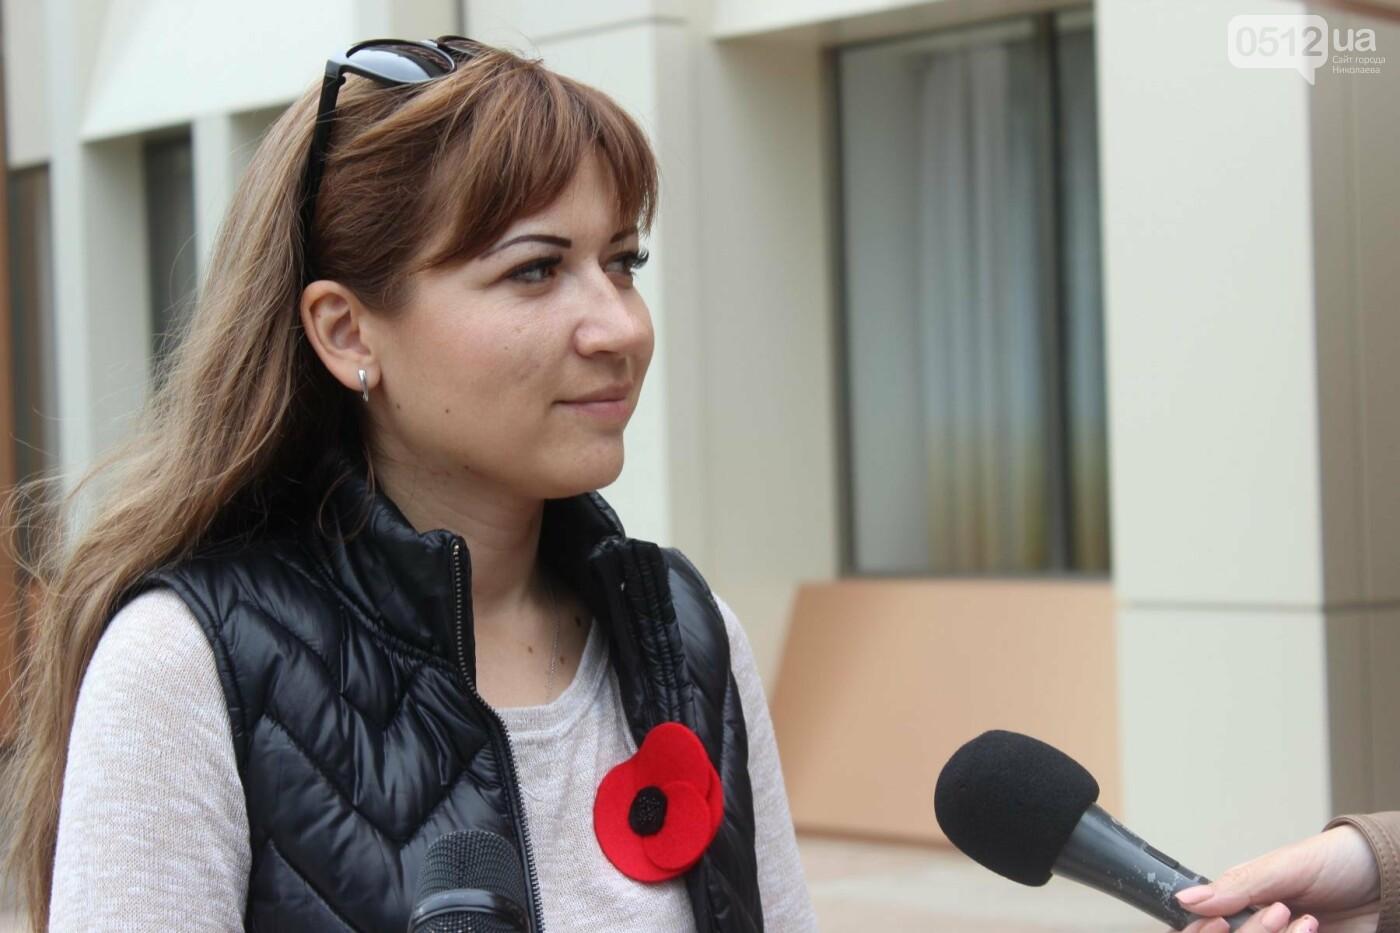 В Николаеве прошла акция по изготовлению маков, - ФОТО , фото-12